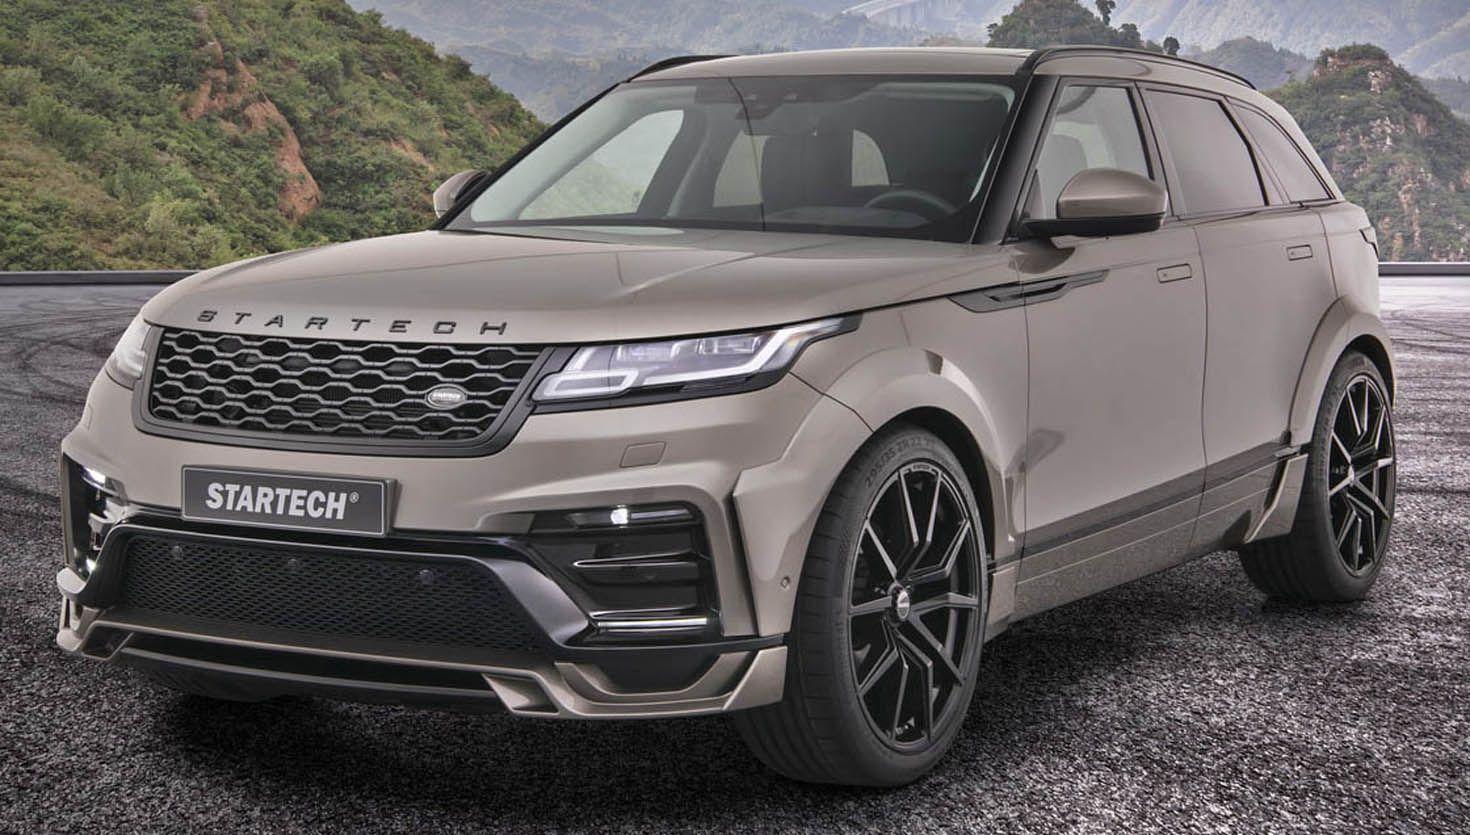 رانج روفر فيلار ستارتيك 2019 التصميم المضخ م بأناقة موقع ويلز Range Rover Range Rover 2018 Car